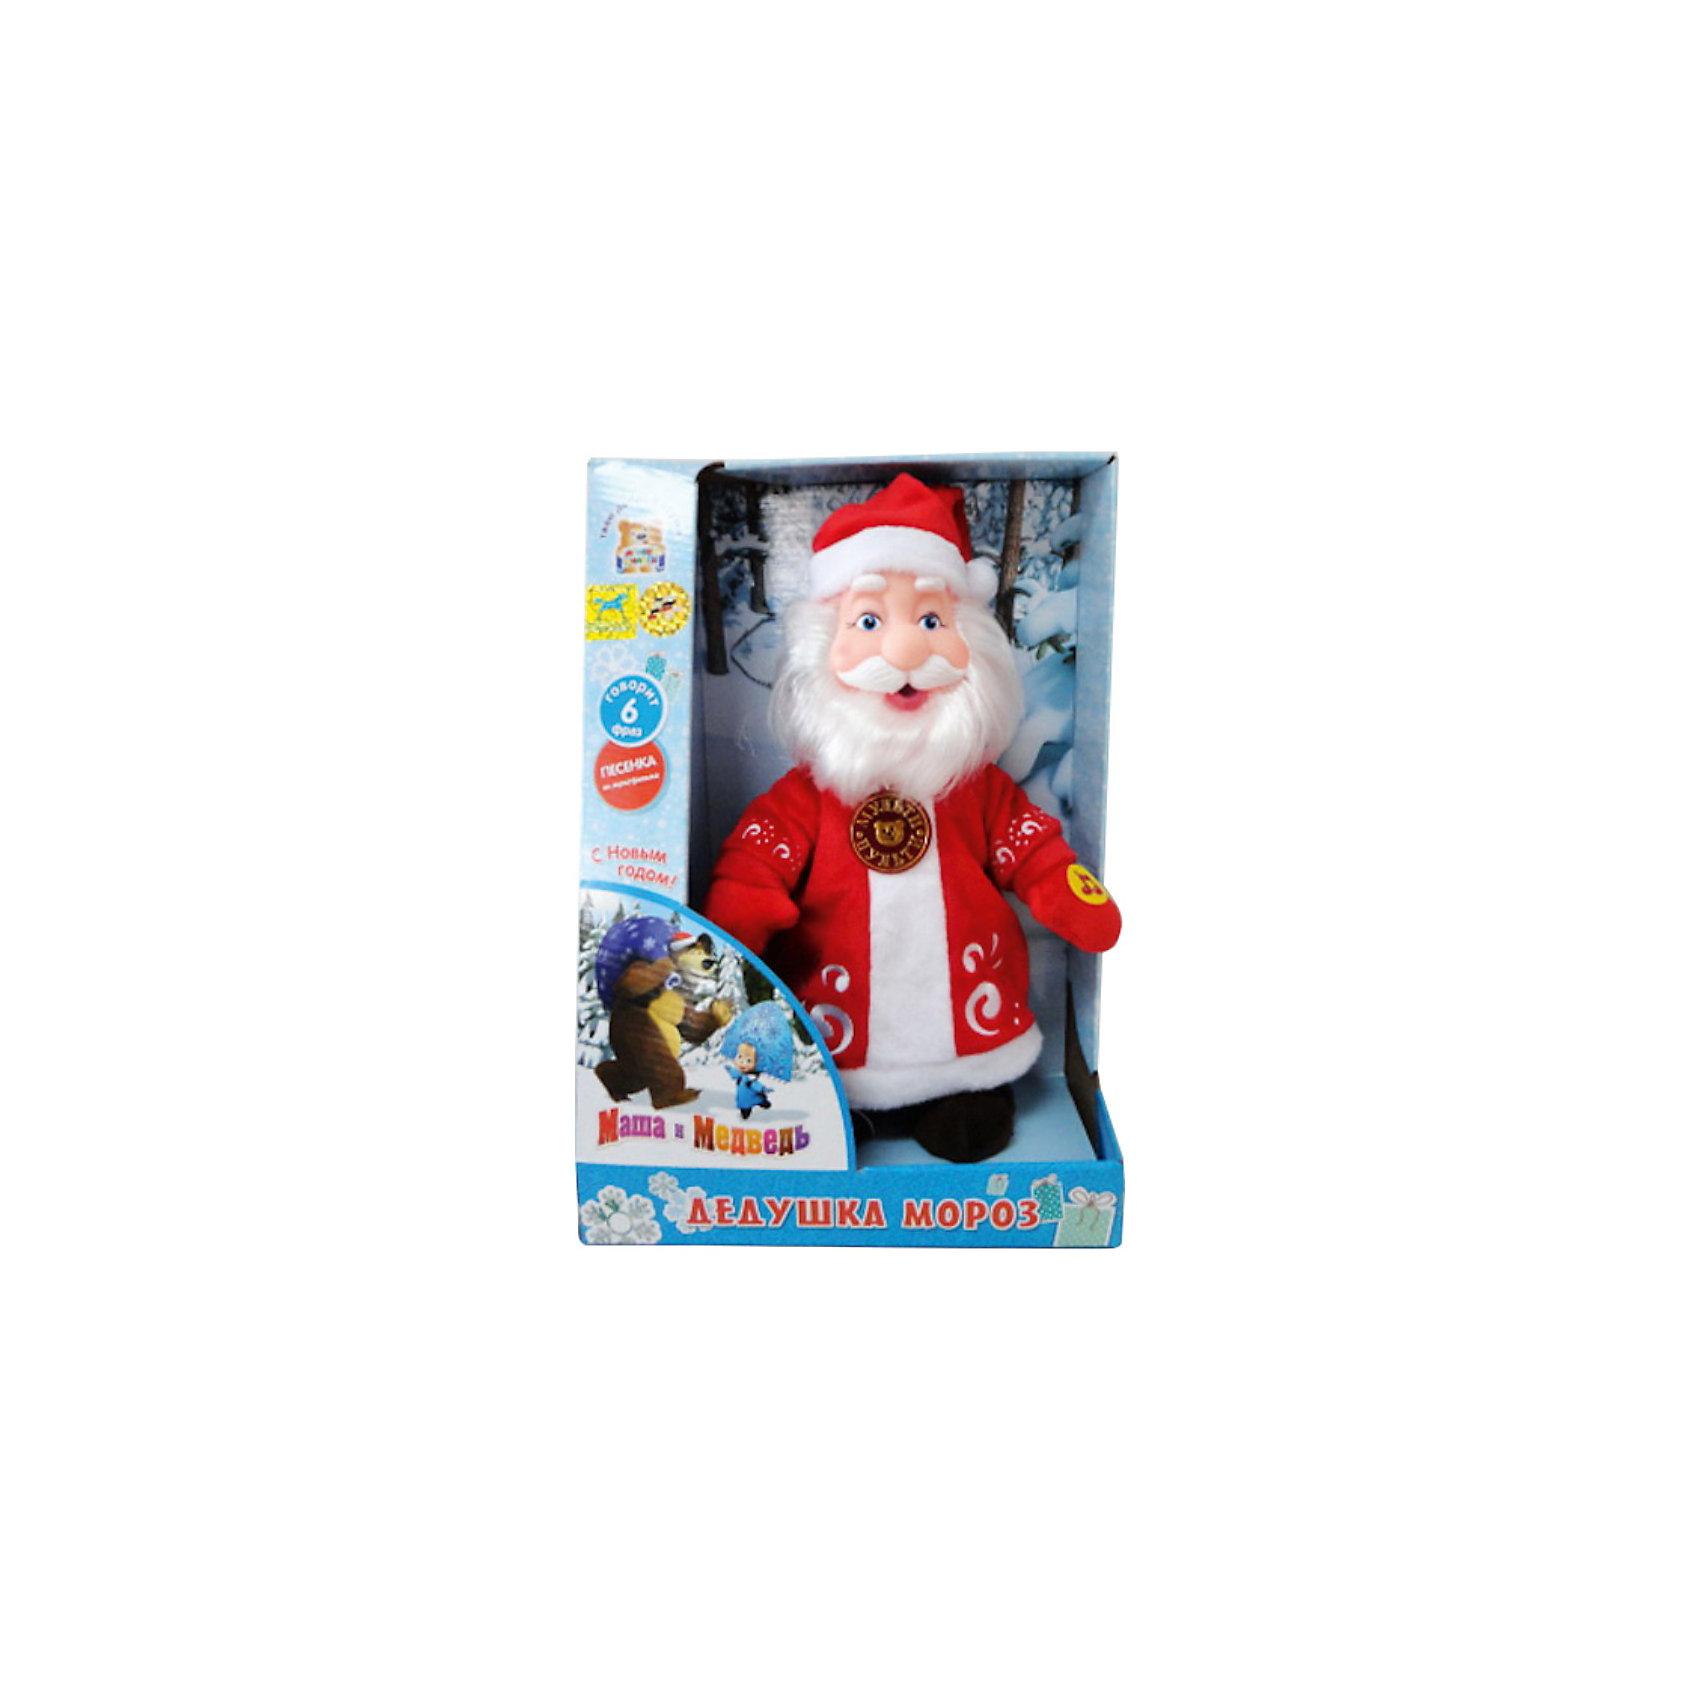 Мягкая игрушка Дед Мороз, 30 см, Маша и медведь, МУЛЬТИ-ПУЛЬТИЛюбимые герои<br>Мягкая игрушка Дед Мороз, 30 см, Маша и медведь, МУЛЬТИ-ПУЛЬТИ – это отличная мягкая игрушка-герой из м/ф «Маша и Медведь».<br>Мягкая игрушка Дед Мороз принесет частичку волшебства в каждый дом. Игрушка изготовлена по мотивам мультфильма Маша и Медведь. Дедушка красиво одет, говорит шесть фраз и может спеть песенку из мультфильма. Подарите вашему малышу частичку праздника вместе с Дедушкой Морозом. Такая замечательная  игрушка украсит любую елочку в канун Нового года. У игрушки пластиковое лицо.  Изготовлена из высококачественных экологически-чистых материалов и соответствует европейским и мировым стандартам качества.<br><br>Дополнительная информация:<br><br>- Высота игрушки: 30 см.<br>- Материал: искусственный мех, полиэстер, элементы пластмассы<br>- Батарейки: 3 типа АА (LR06), в комплект входят<br><br>Мягкую игрушку Дед Мороз, 30 см, Маша и медведь, МУЛЬТИ-ПУЛЬТИ можно купить в нашем интернет-магазине.<br><br>Ширина мм: 440<br>Глубина мм: 350<br>Высота мм: 140<br>Вес г: 670<br>Возраст от месяцев: 12<br>Возраст до месяцев: 60<br>Пол: Унисекс<br>Возраст: Детский<br>SKU: 3804911